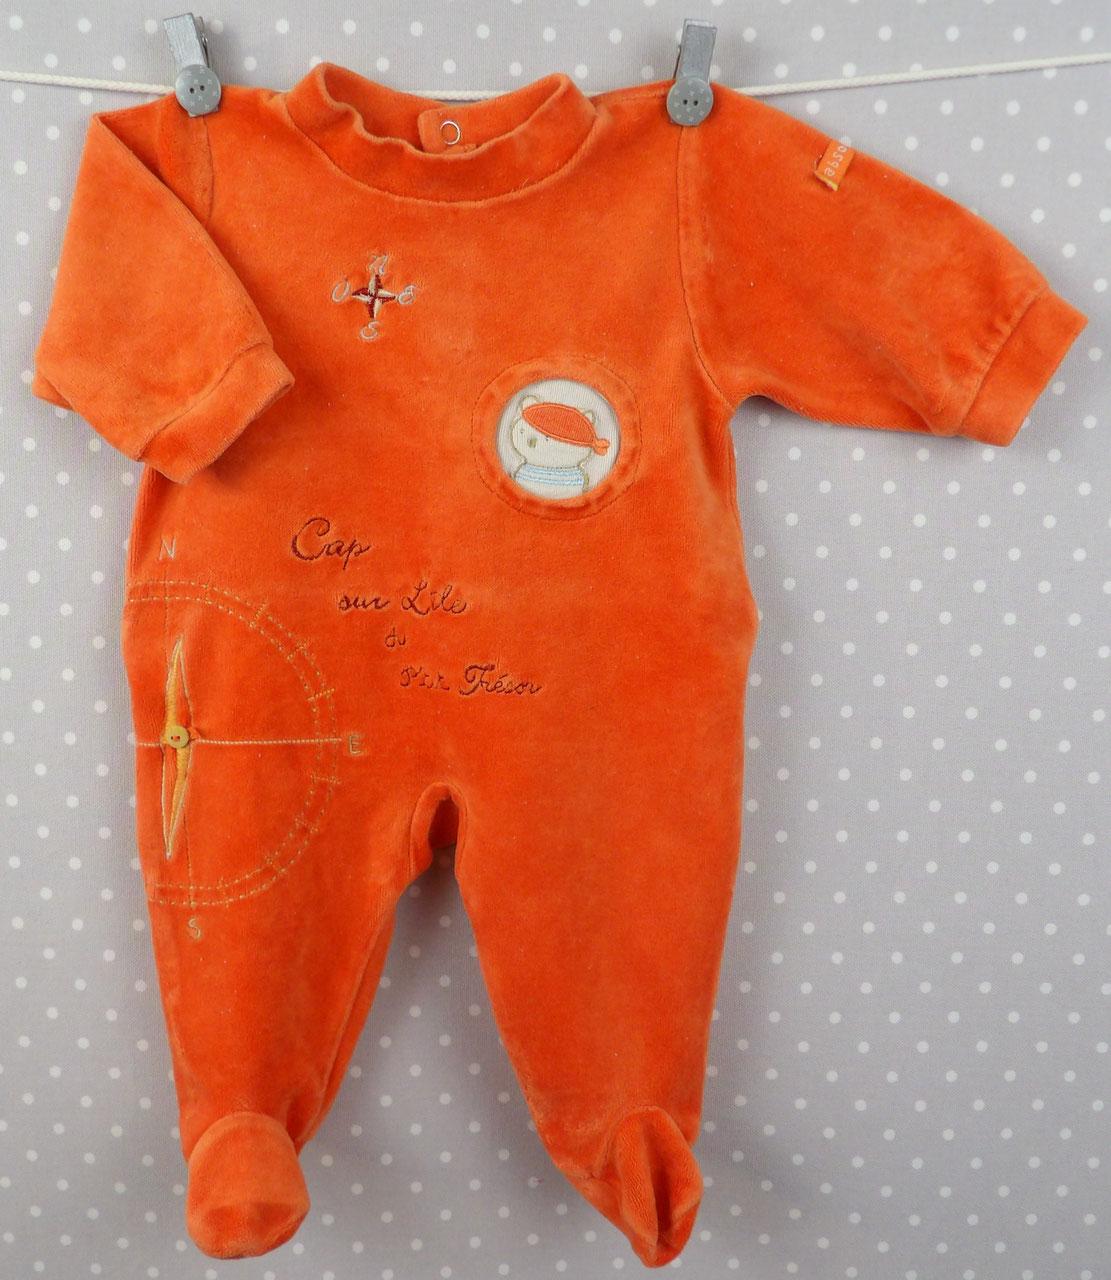 Les pyjamas et bodies - Bouilles de pomme-vêtements-accessoires ... c5f4300f18e